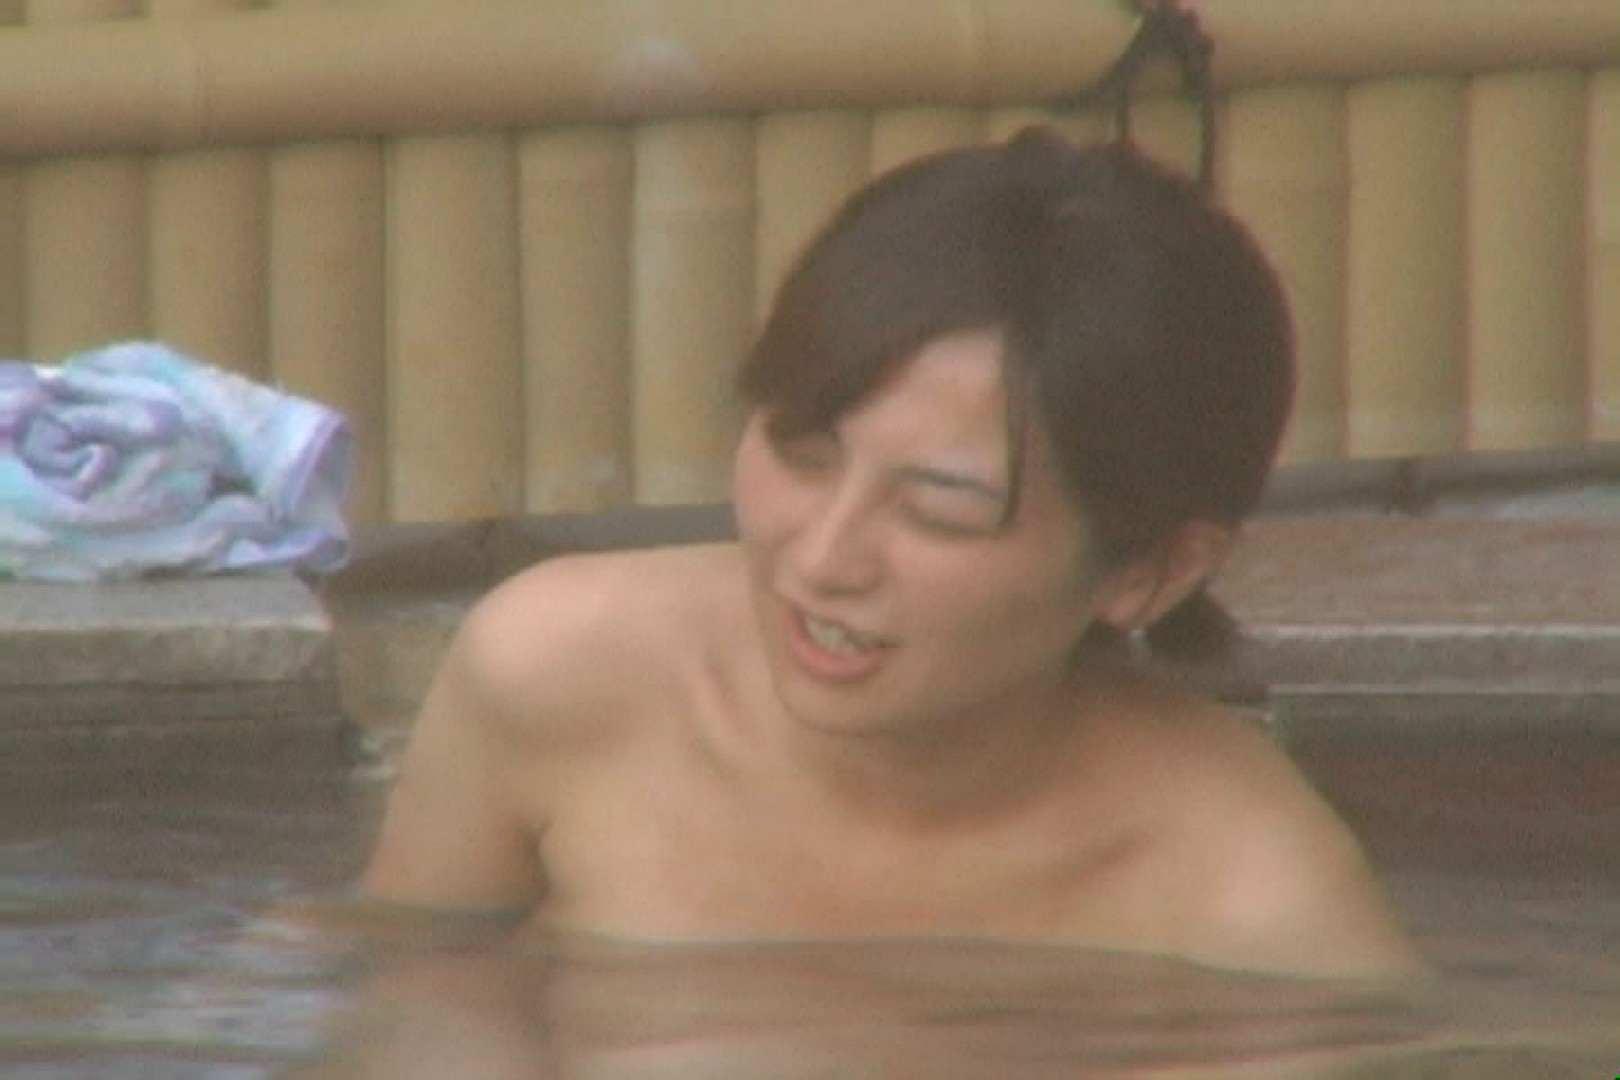 Aquaな露天風呂Vol.26【VIP】 露天 | 盗撮  59画像 34